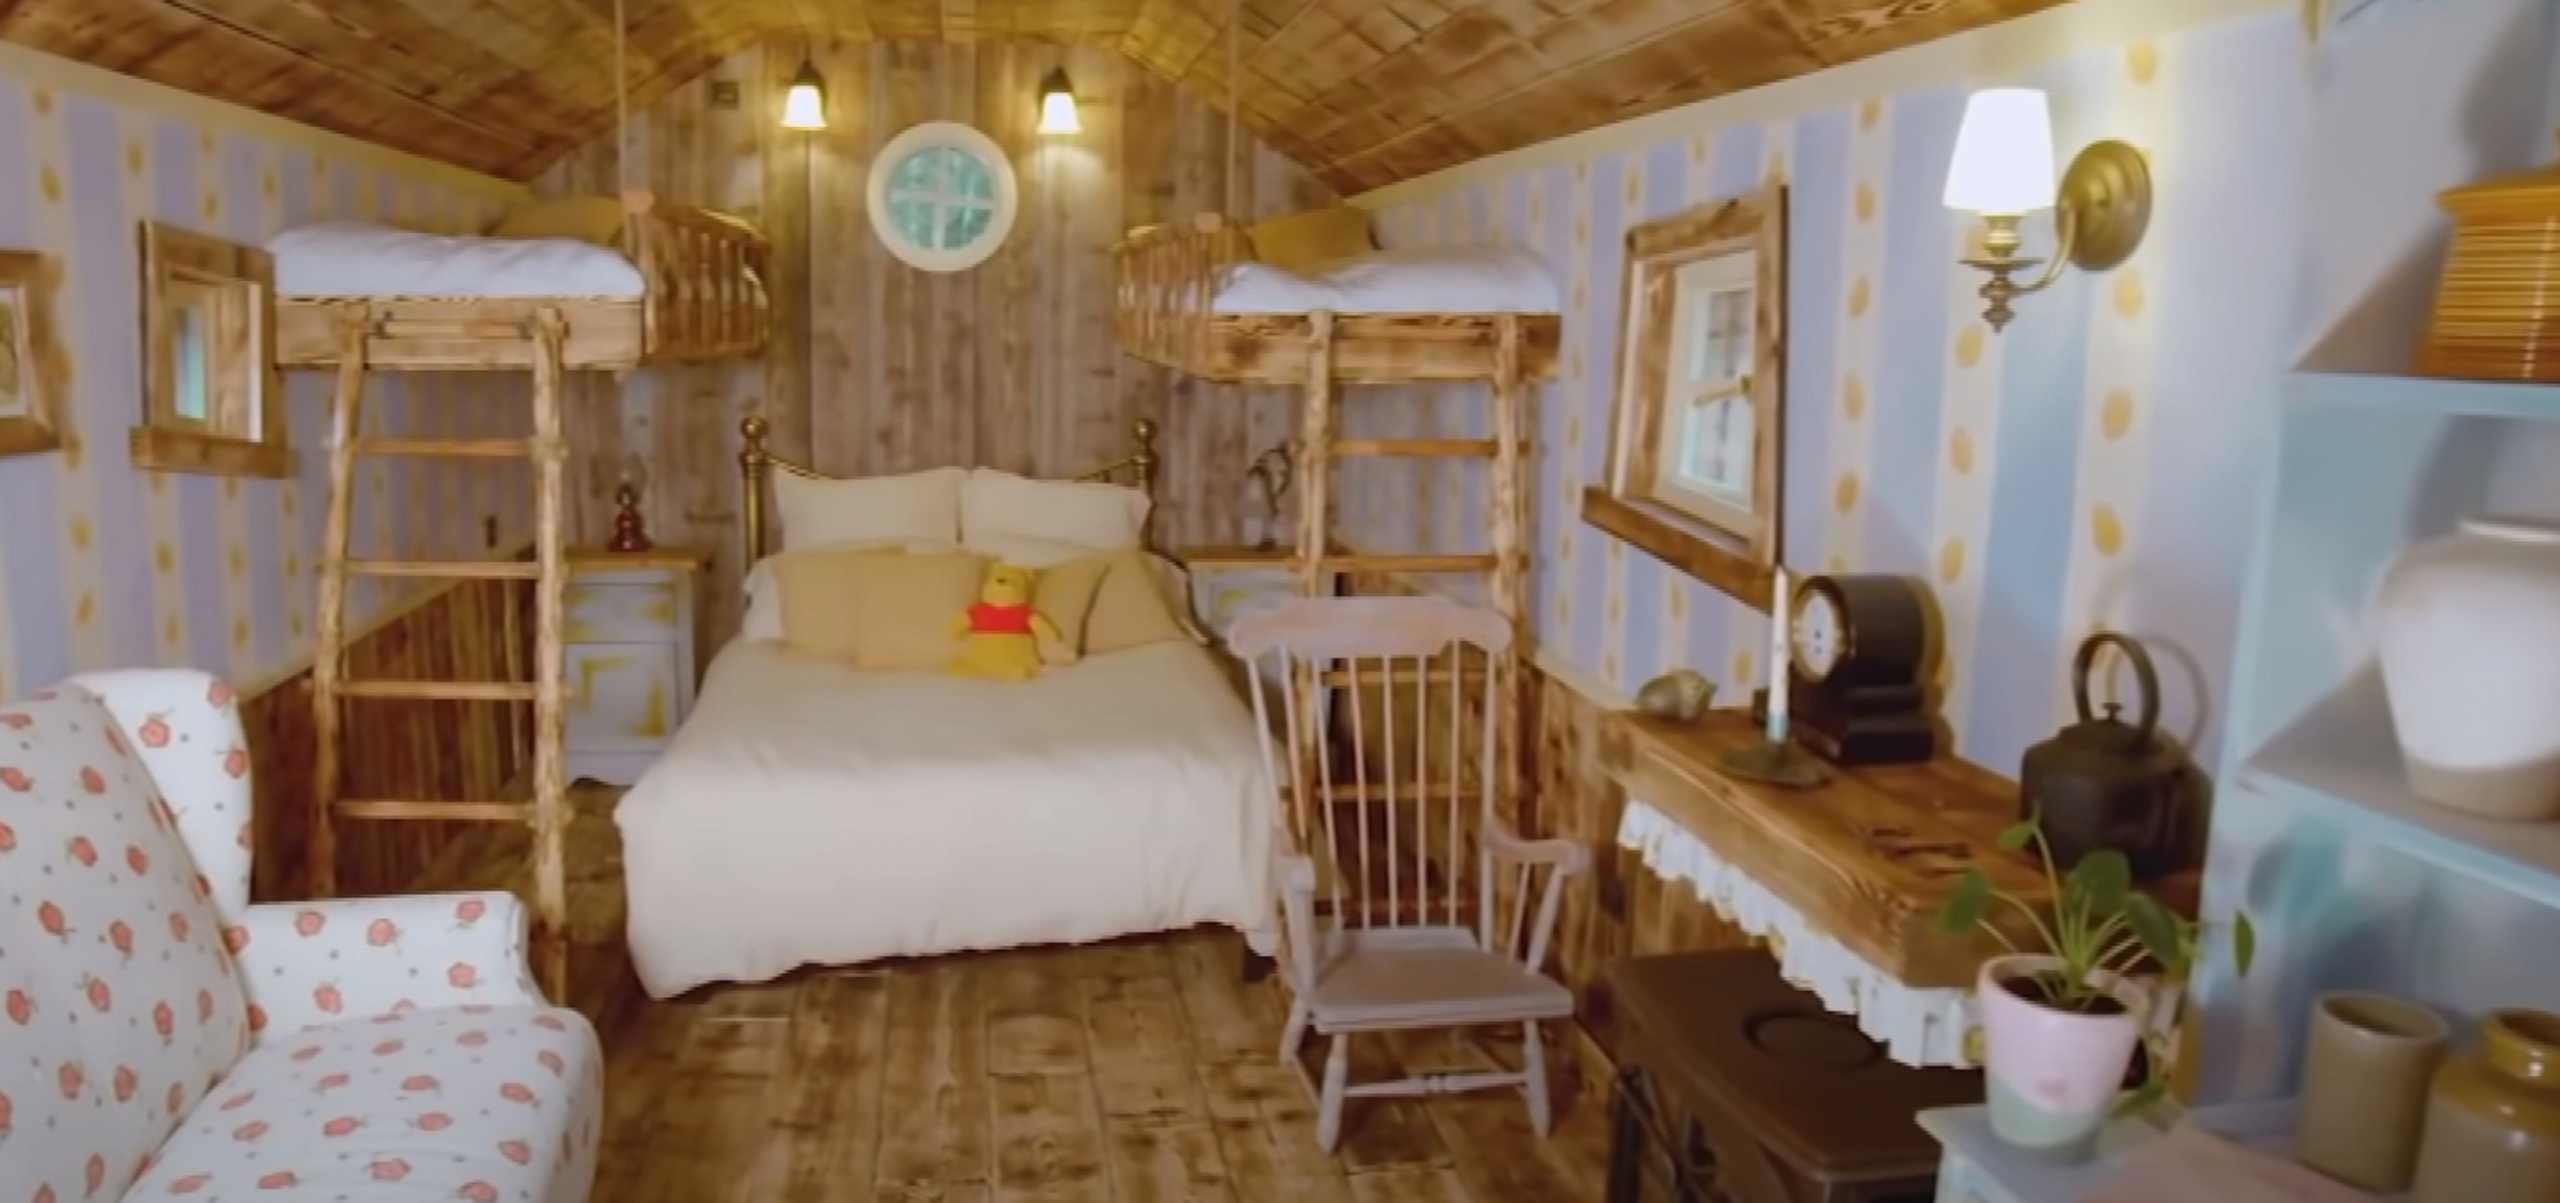 Μείνε στο σπίτι του… Winnie the Pooh! Airbnb και Disney έφτιαξαν το «Bearbnb»